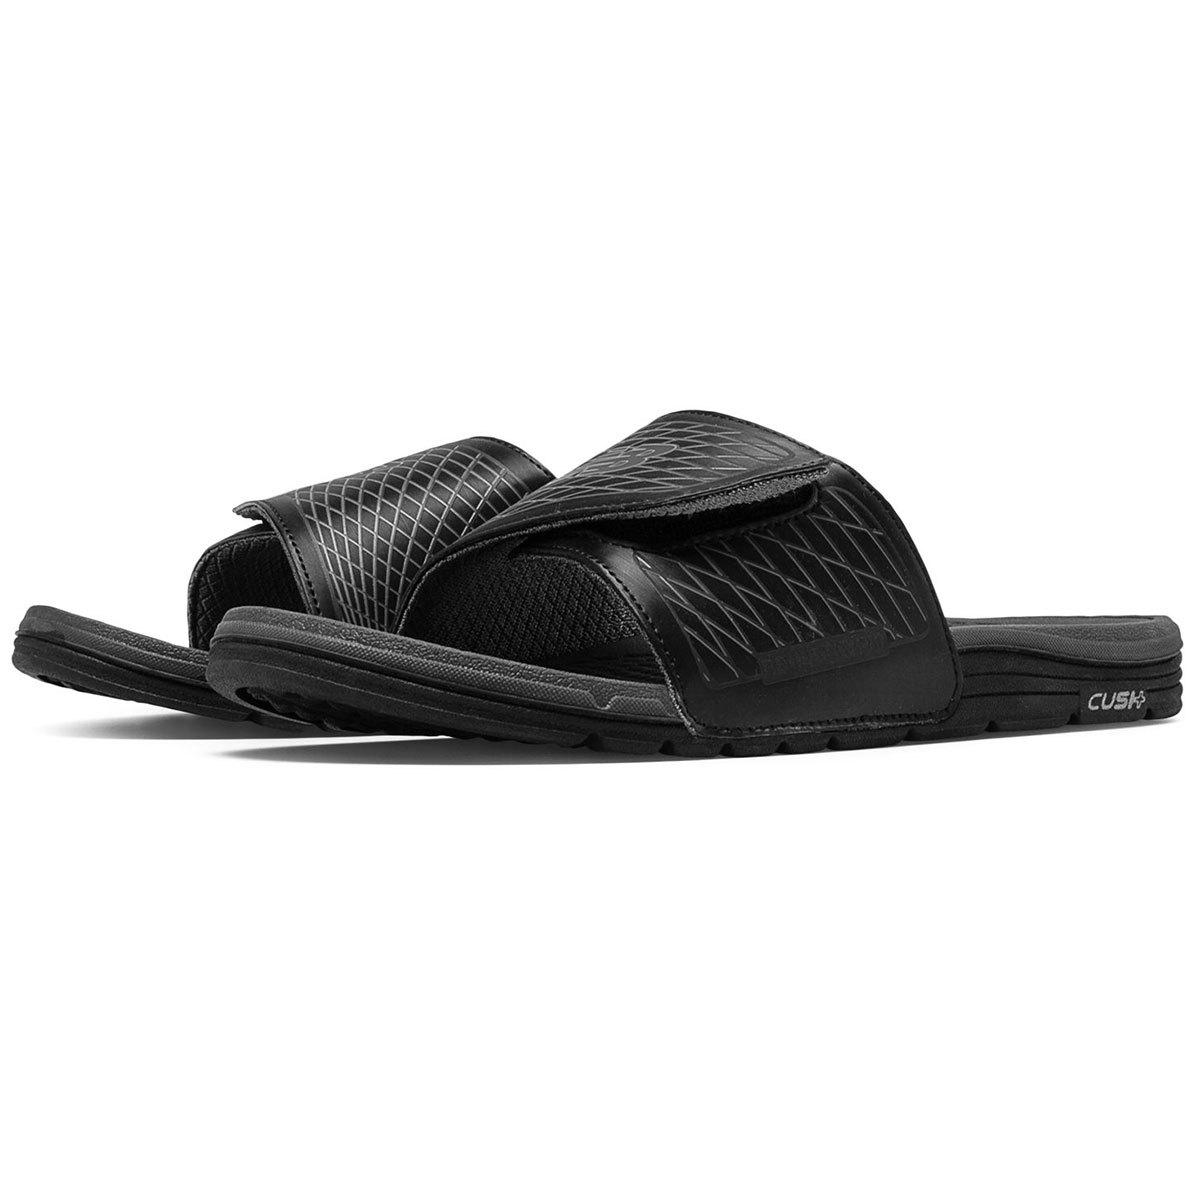 NEW BALANCE Men's Cush+ Slide Sandals